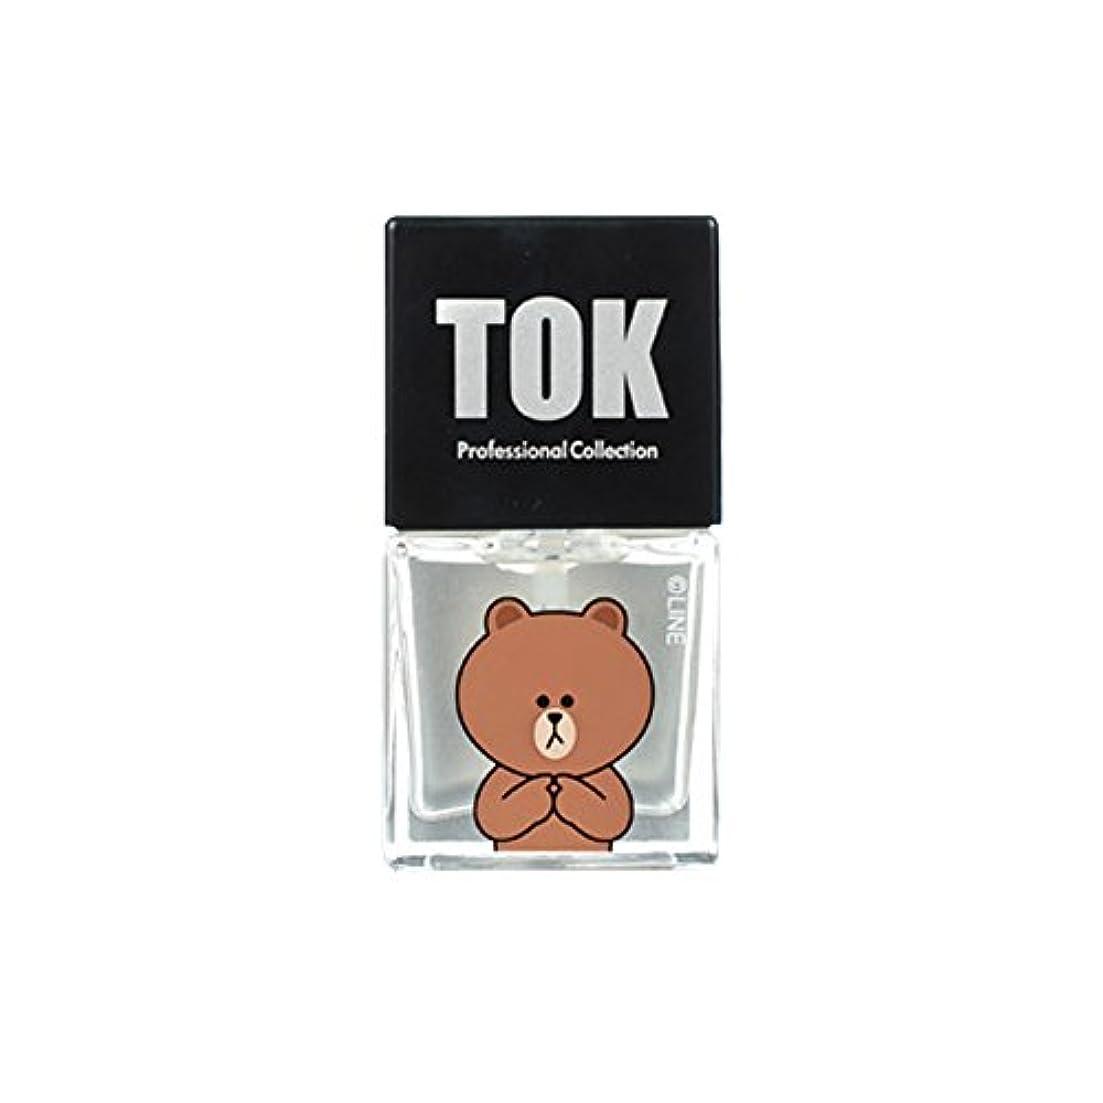 トマト批判的に彼女はTOK Line Friends ネイル基本ケア ベースコート トップコート キューティクルオイル キューティクルリムーバー 栄養剤 /TOK Line Friends Nail Hybrid Basic Care[海外直送品...